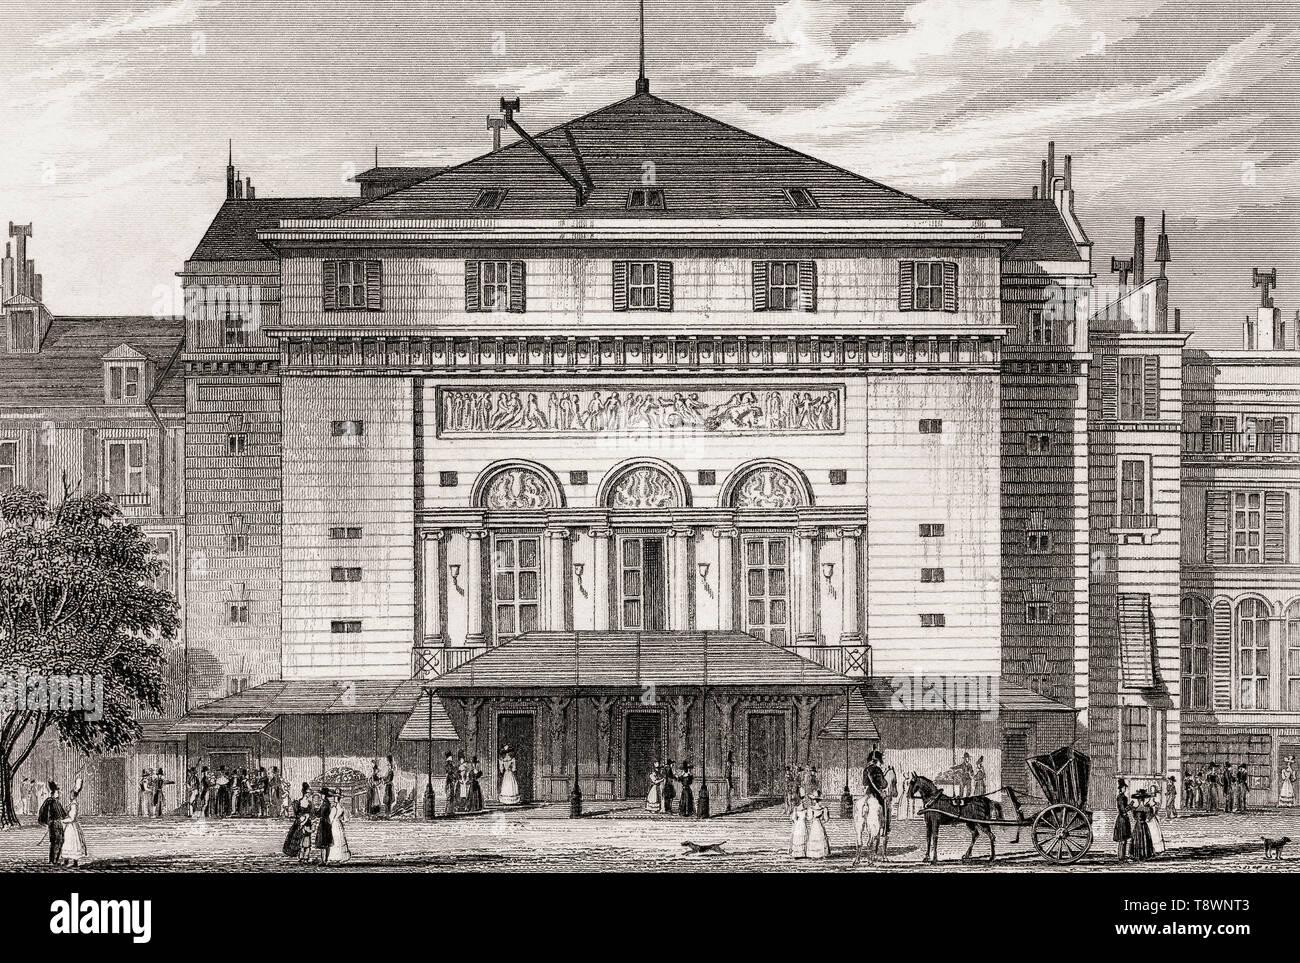 Théâtre de la Porte Saint-Martin, Paris, antique steel engraved print, 1831 - Stock Image